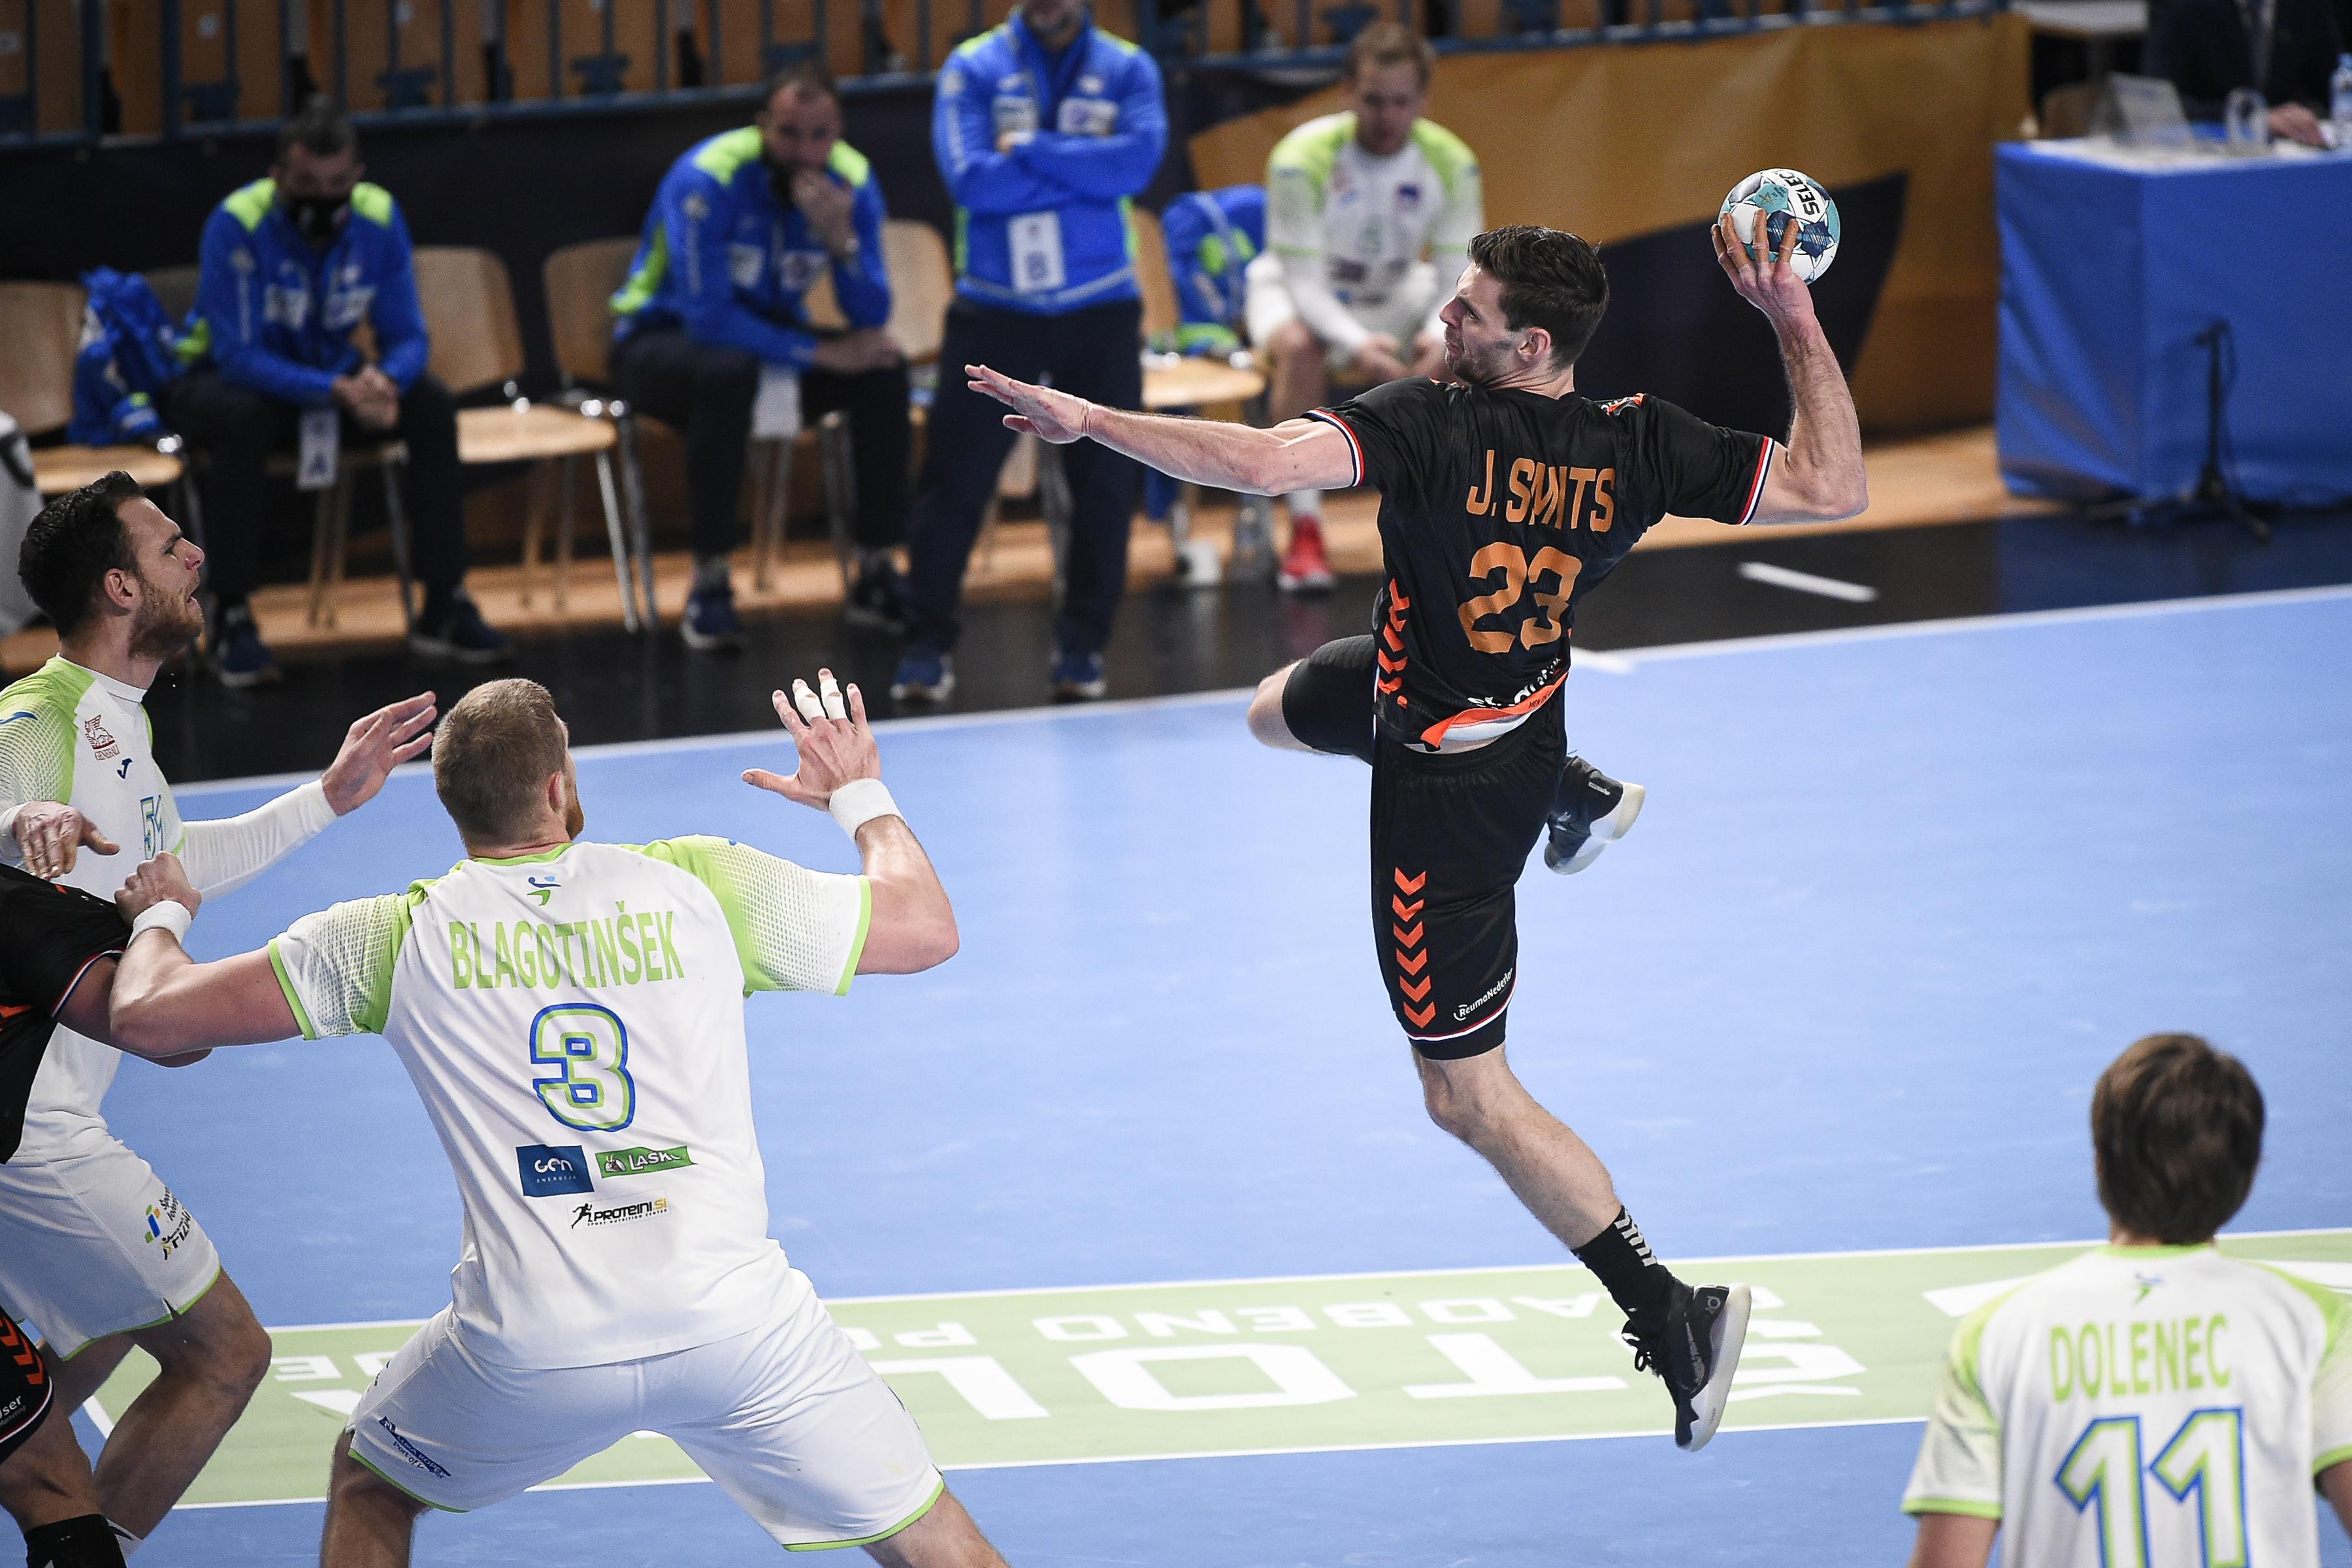 Een wedstrijd van verschil; Jorn Smits dankt toptransfer aan onverwacht meespelen in interland tegen Turkije